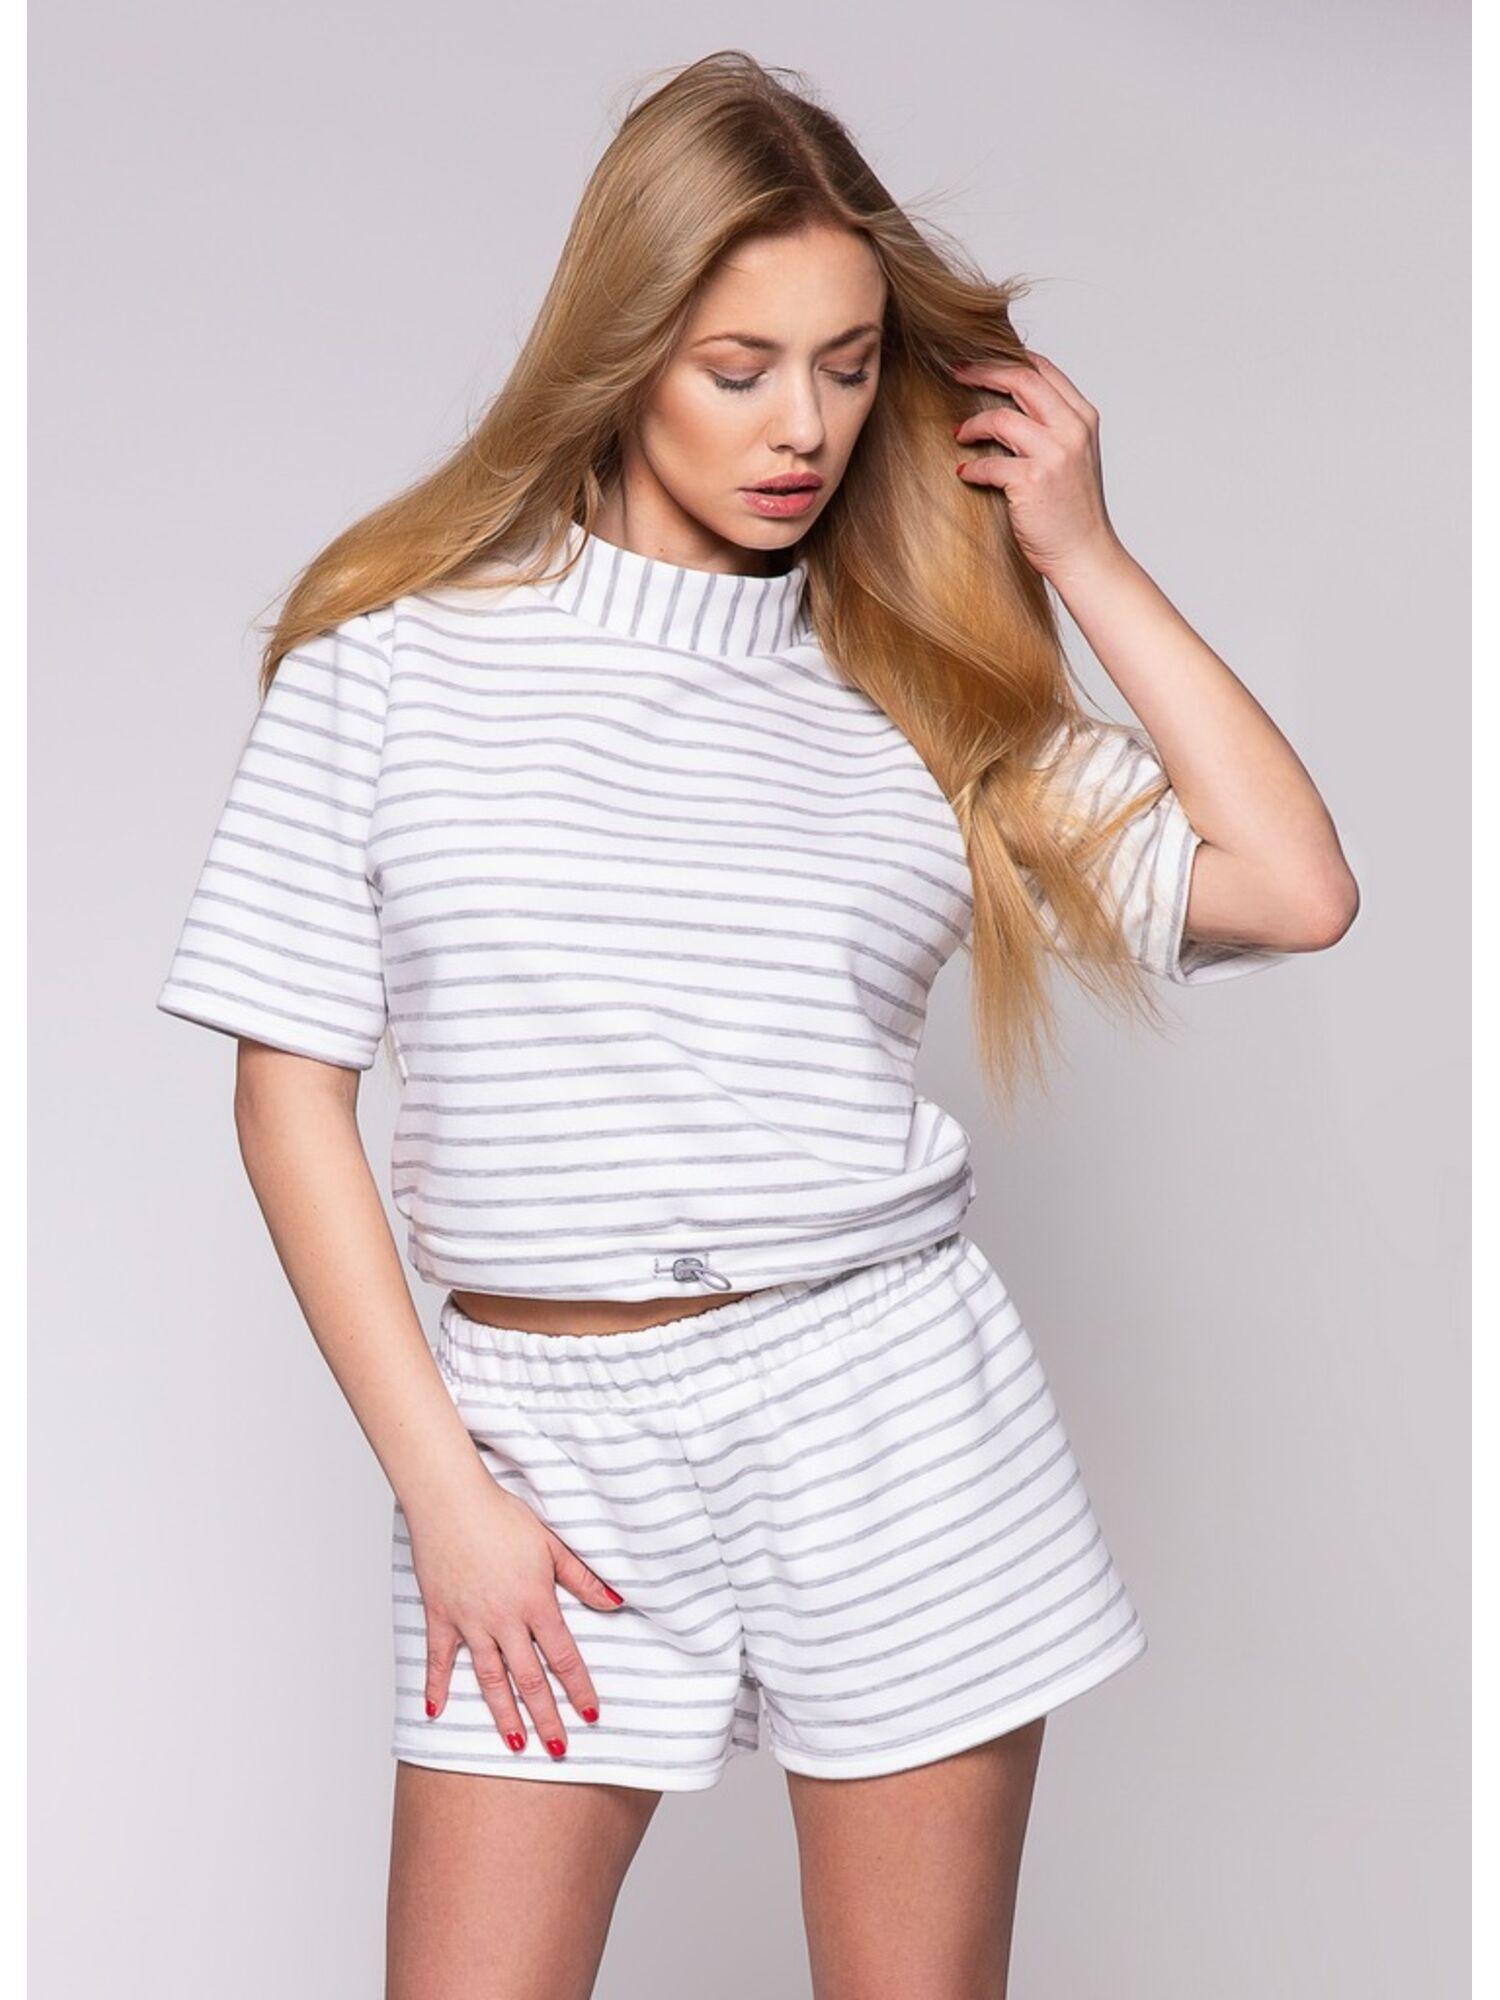 Комплект женский хлопковый с шортами MIRANDA, белый, SENSIS